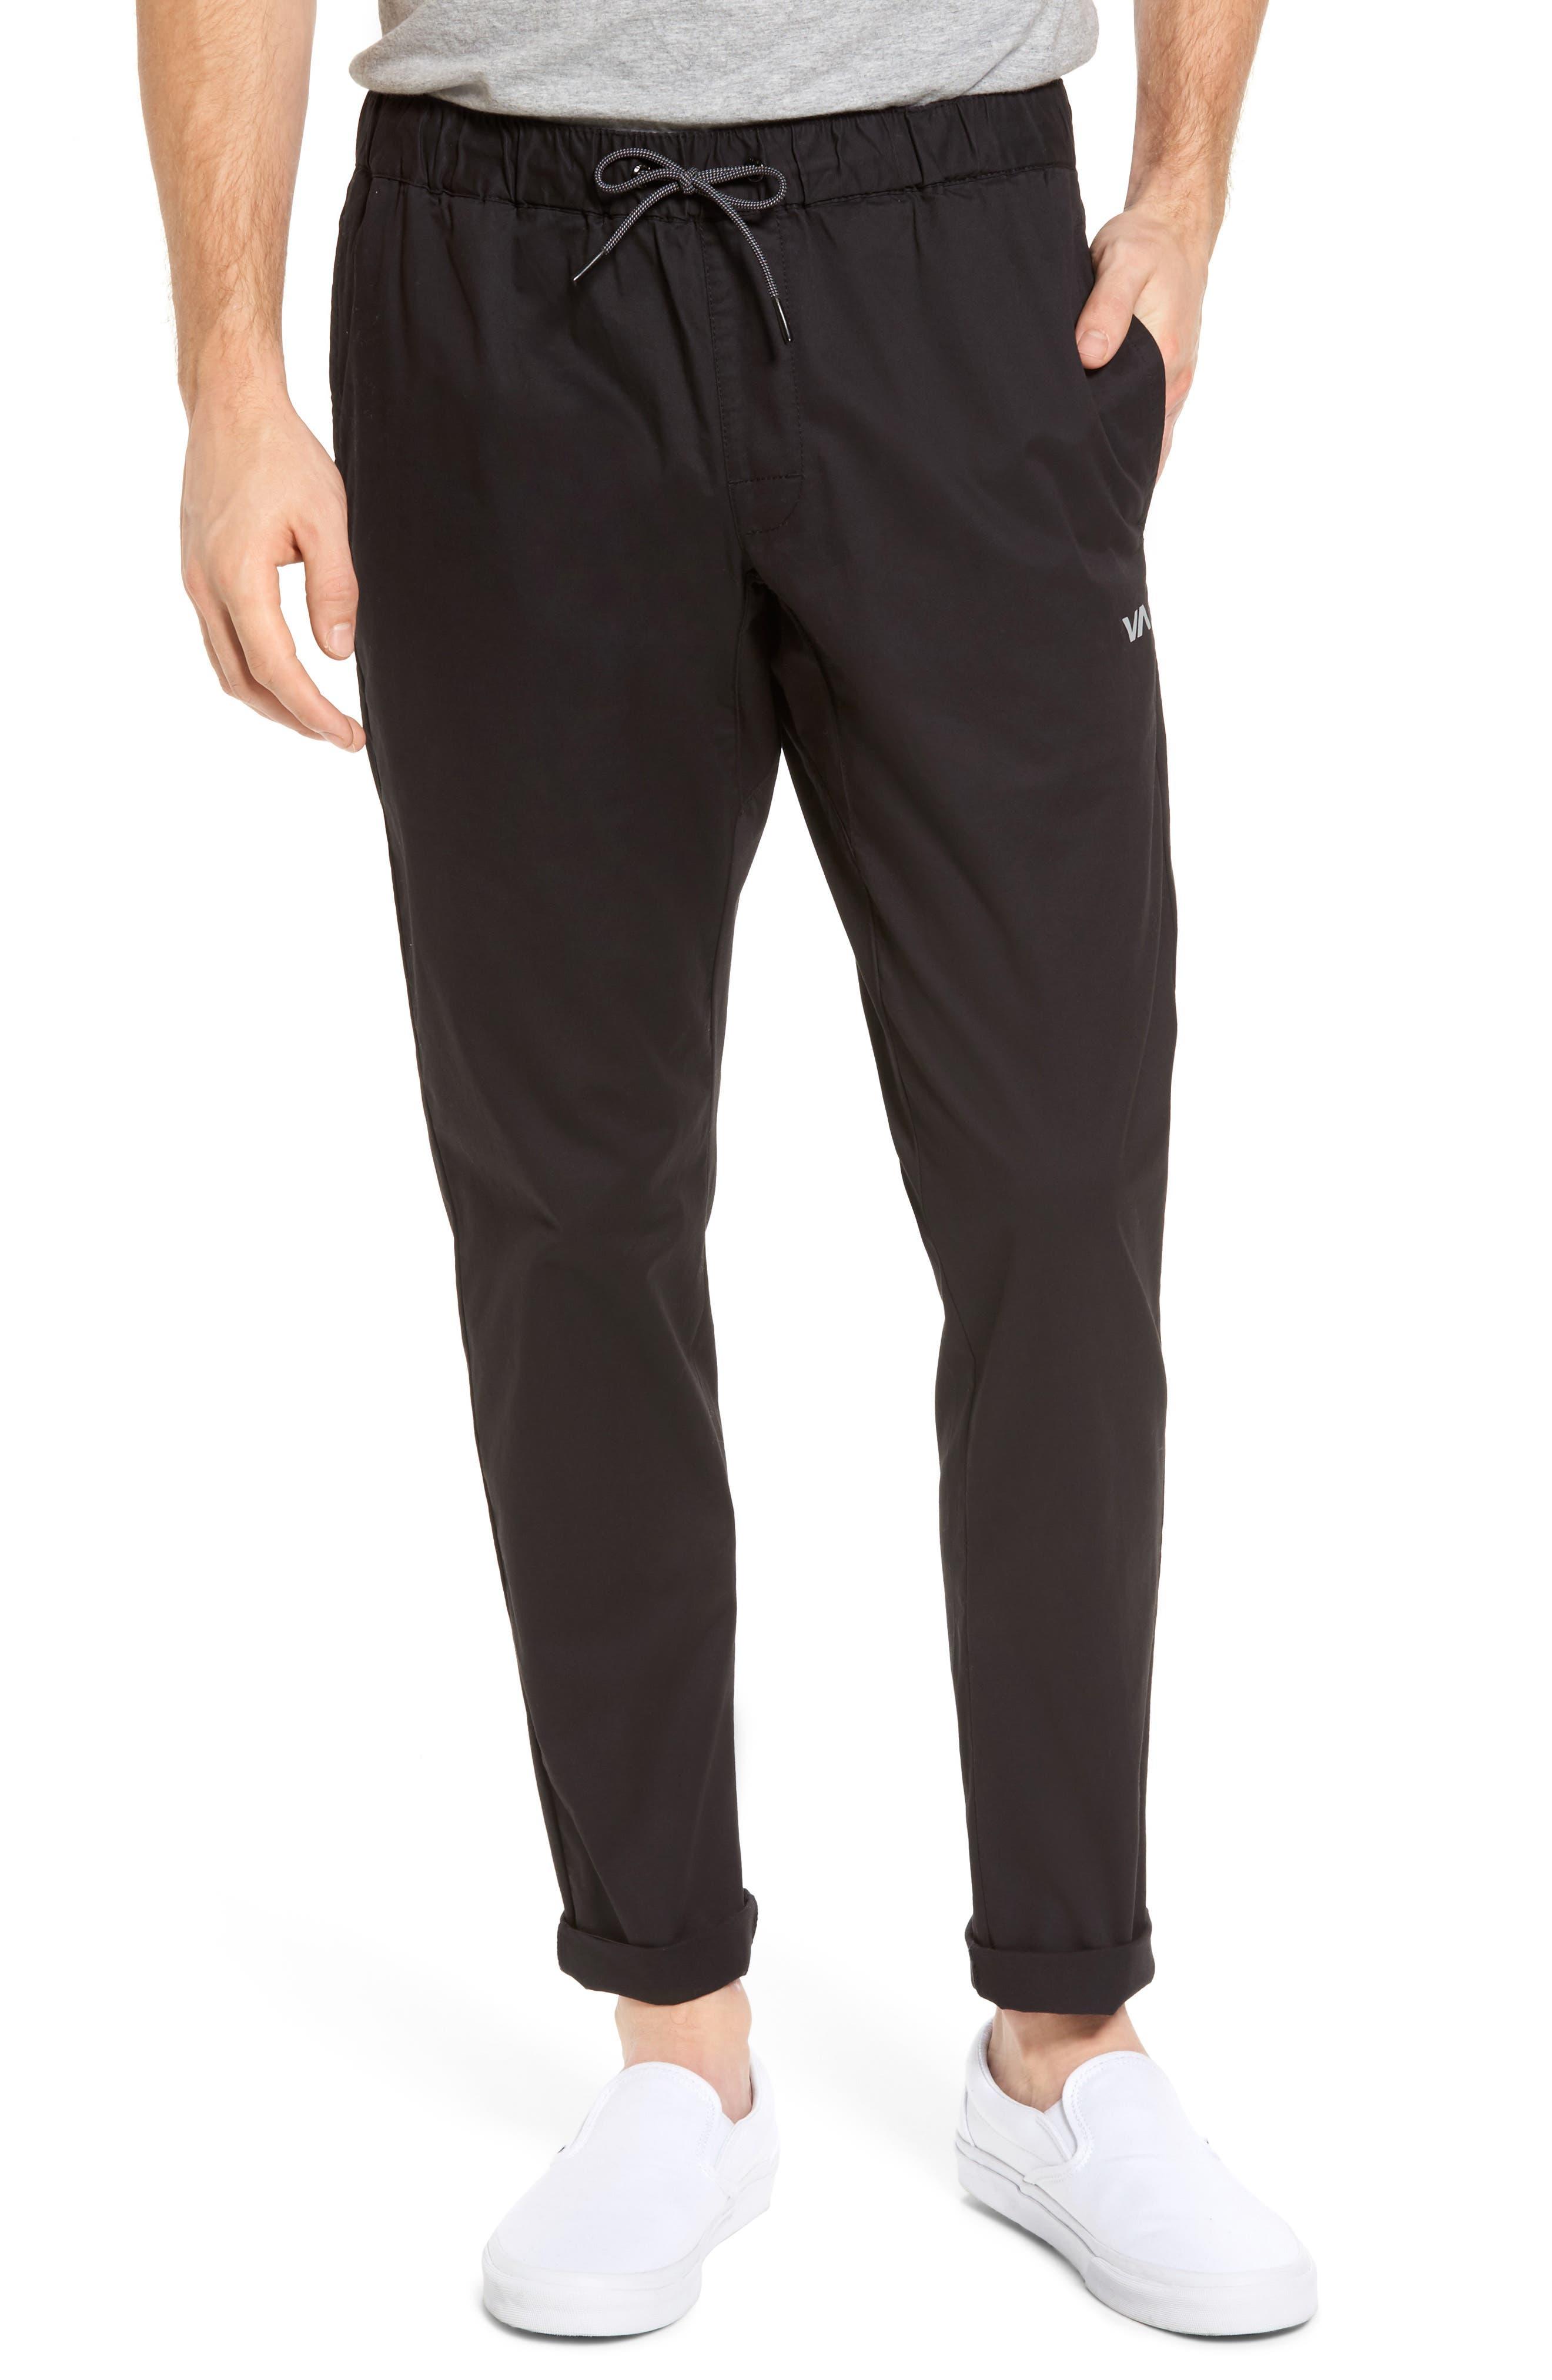 Spectrum Sport Pants,                         Main,                         color, Black